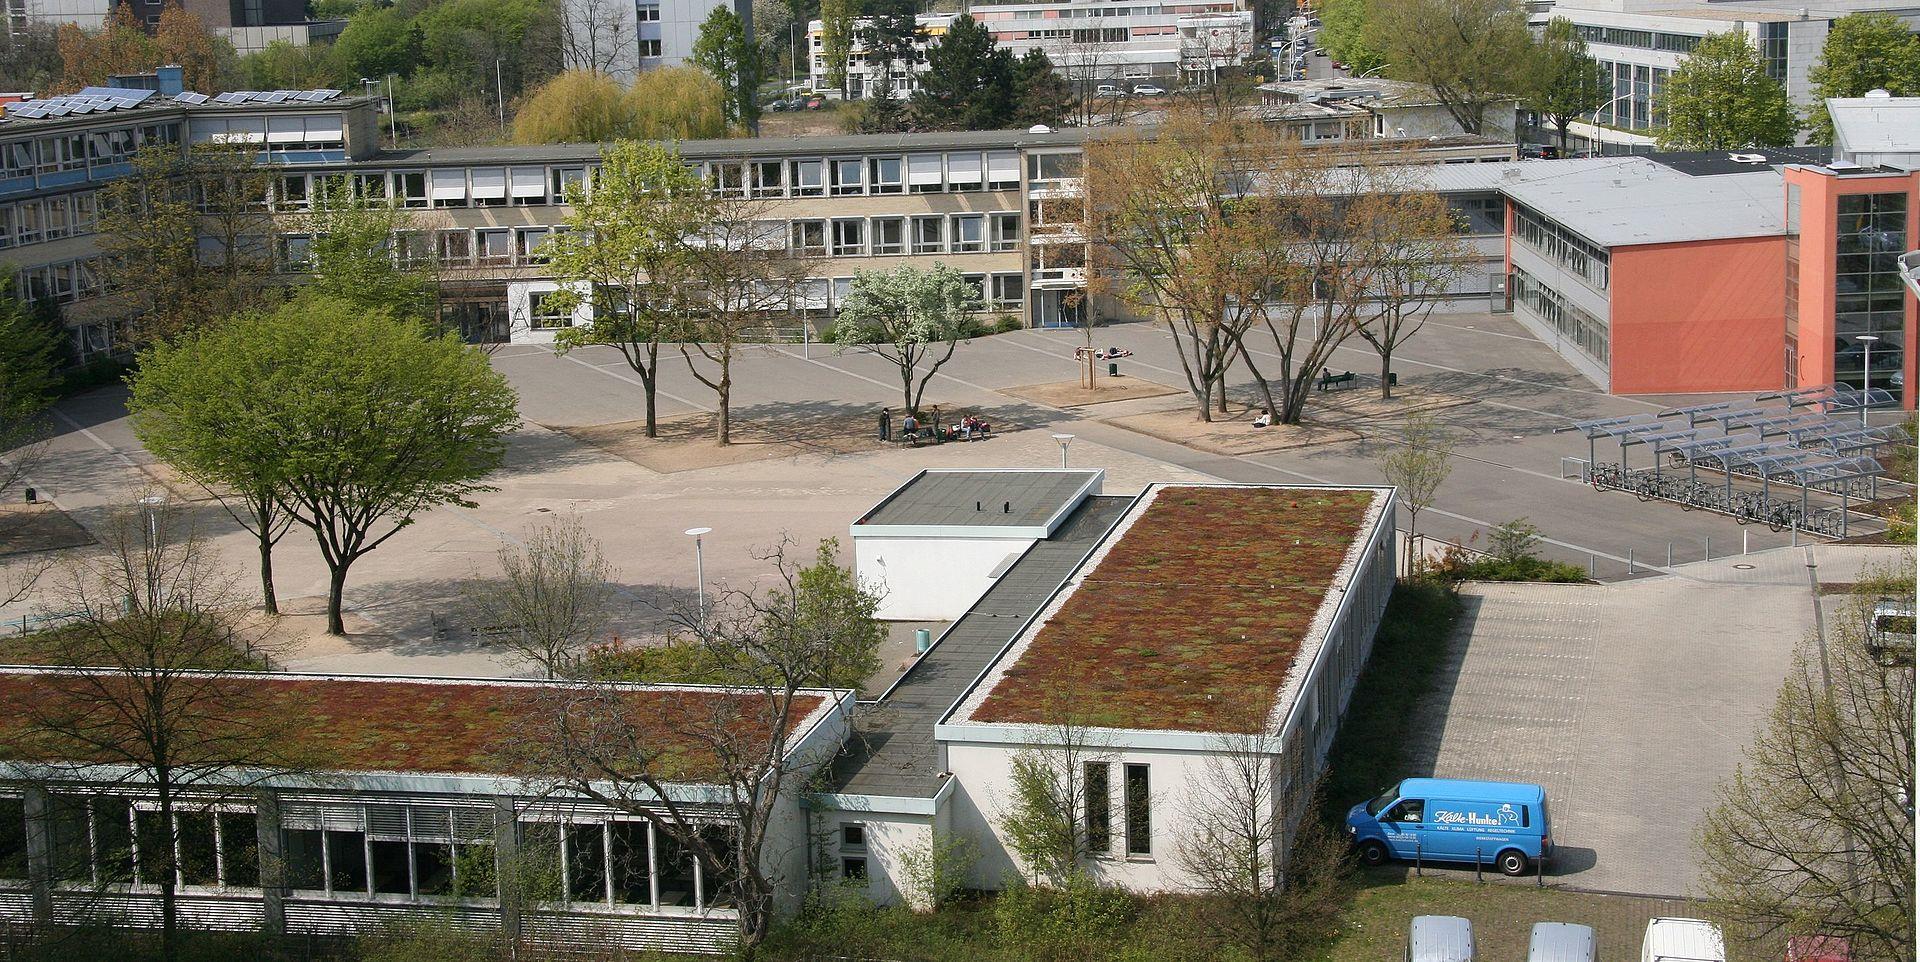 Friedrich ebert gymnasium bonn wikipedia - Vogelperspektive englisch ...